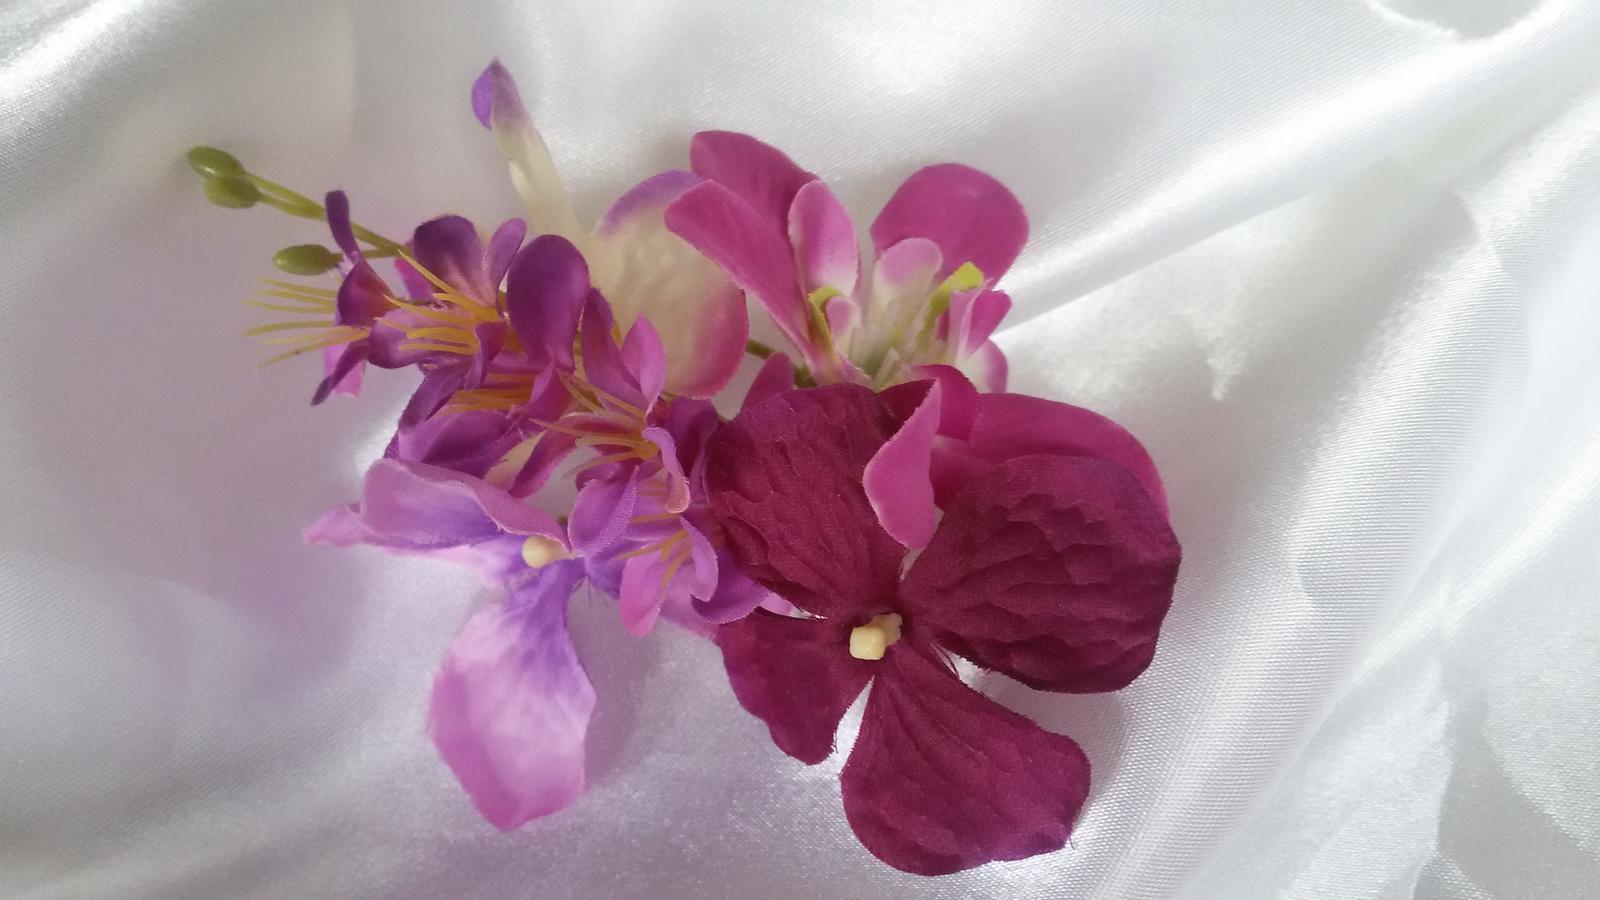 Skřipeček do vlasů s květinou - Obrázek č. 2